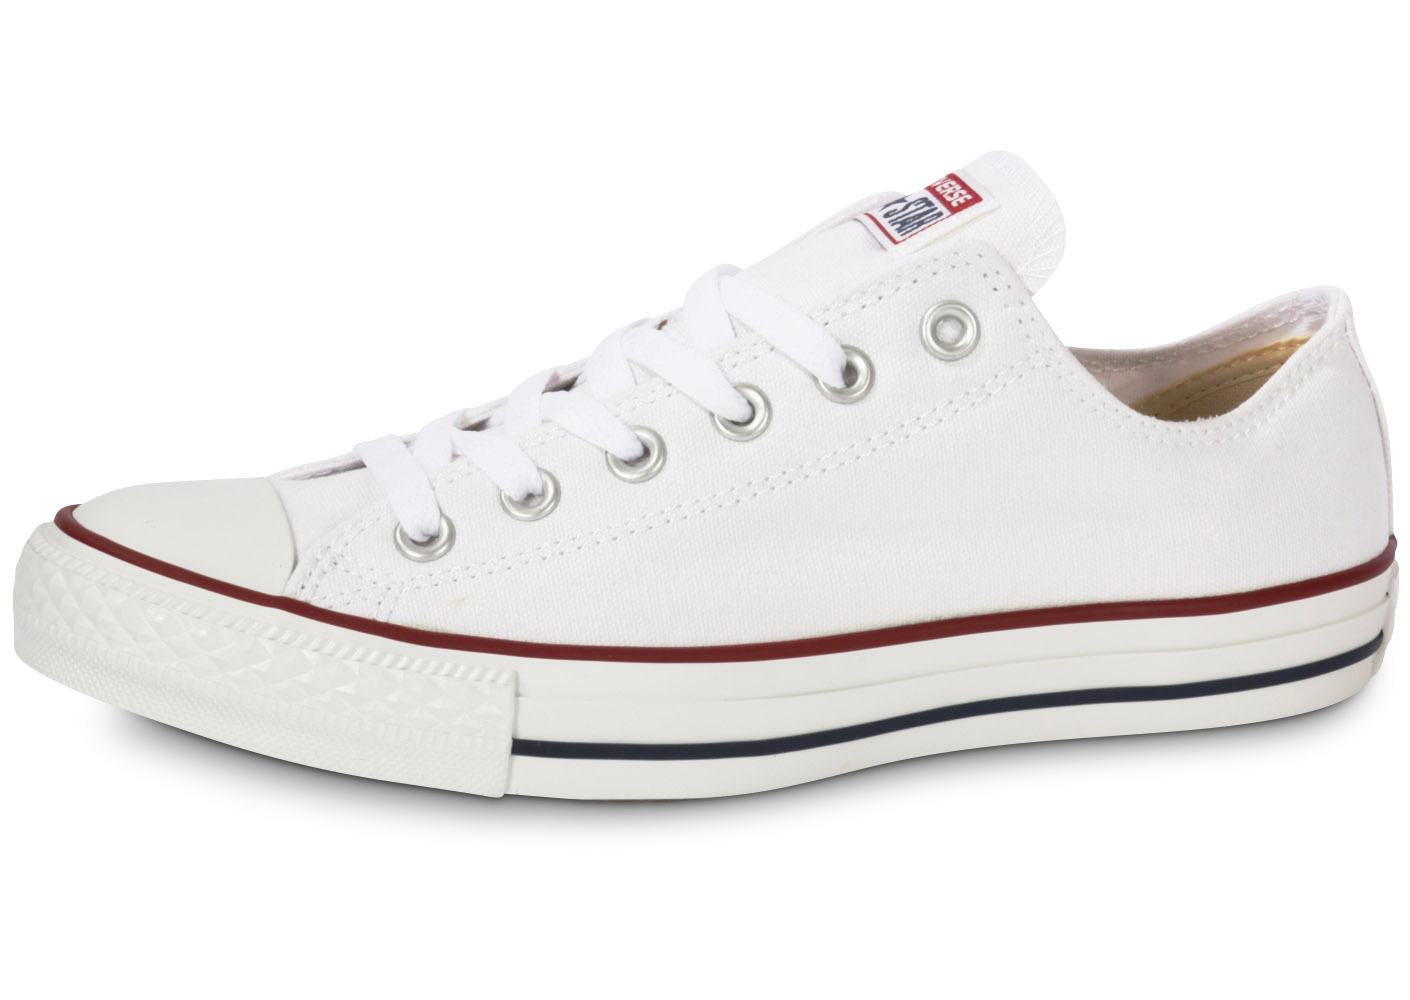 La chaussure Converse Chuck Taylor est devenue une référence ...